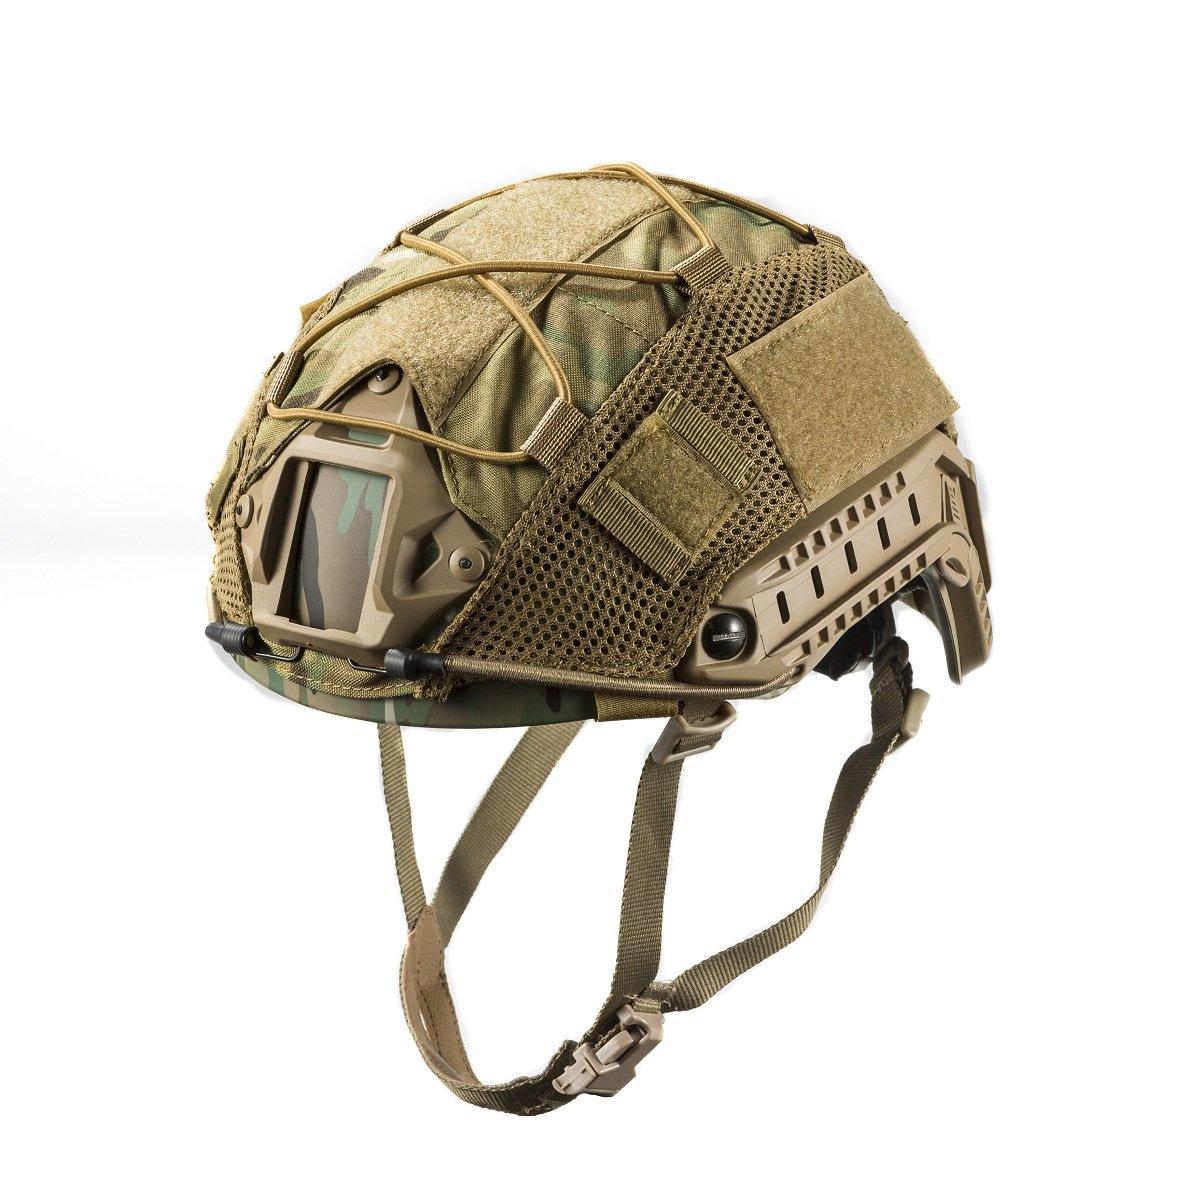 1T copertura casco Multicam 05for ops-core Fast PJ casco e OneTigris PJ caschi, Multicam